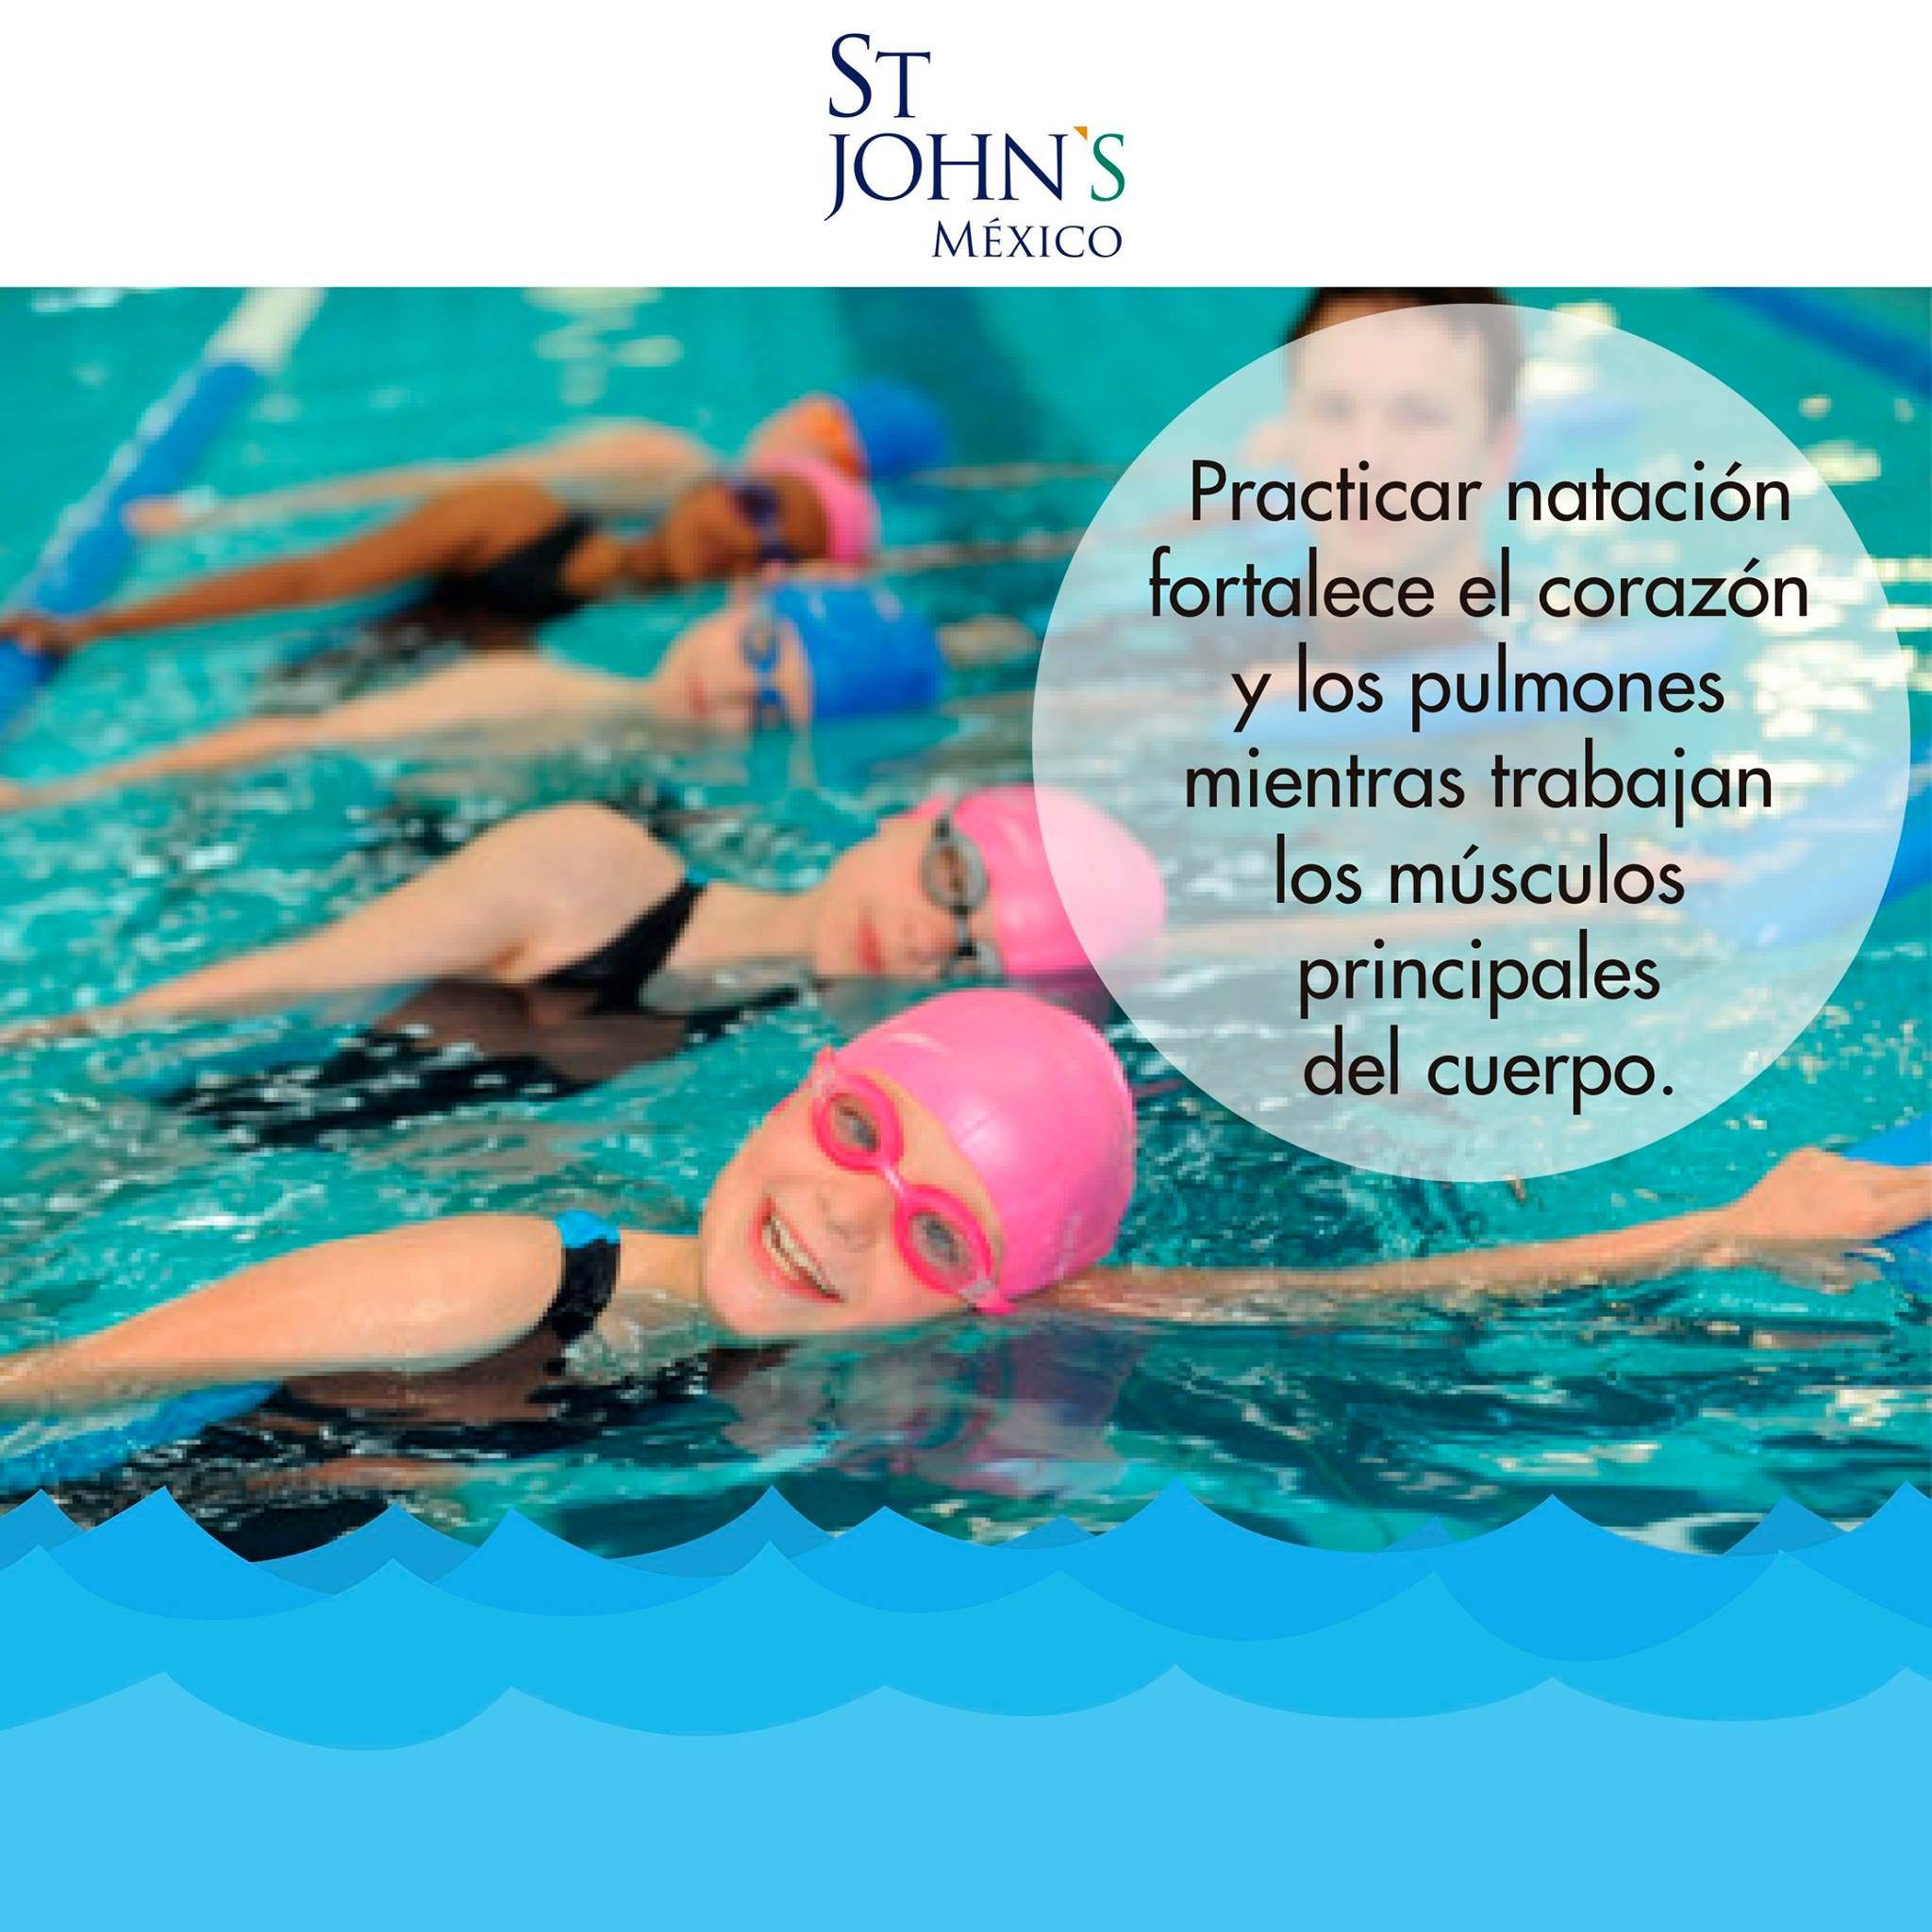 ¡Ven con toda la familia a conocer nuestros horarios de natación! 😎 🏊 😎